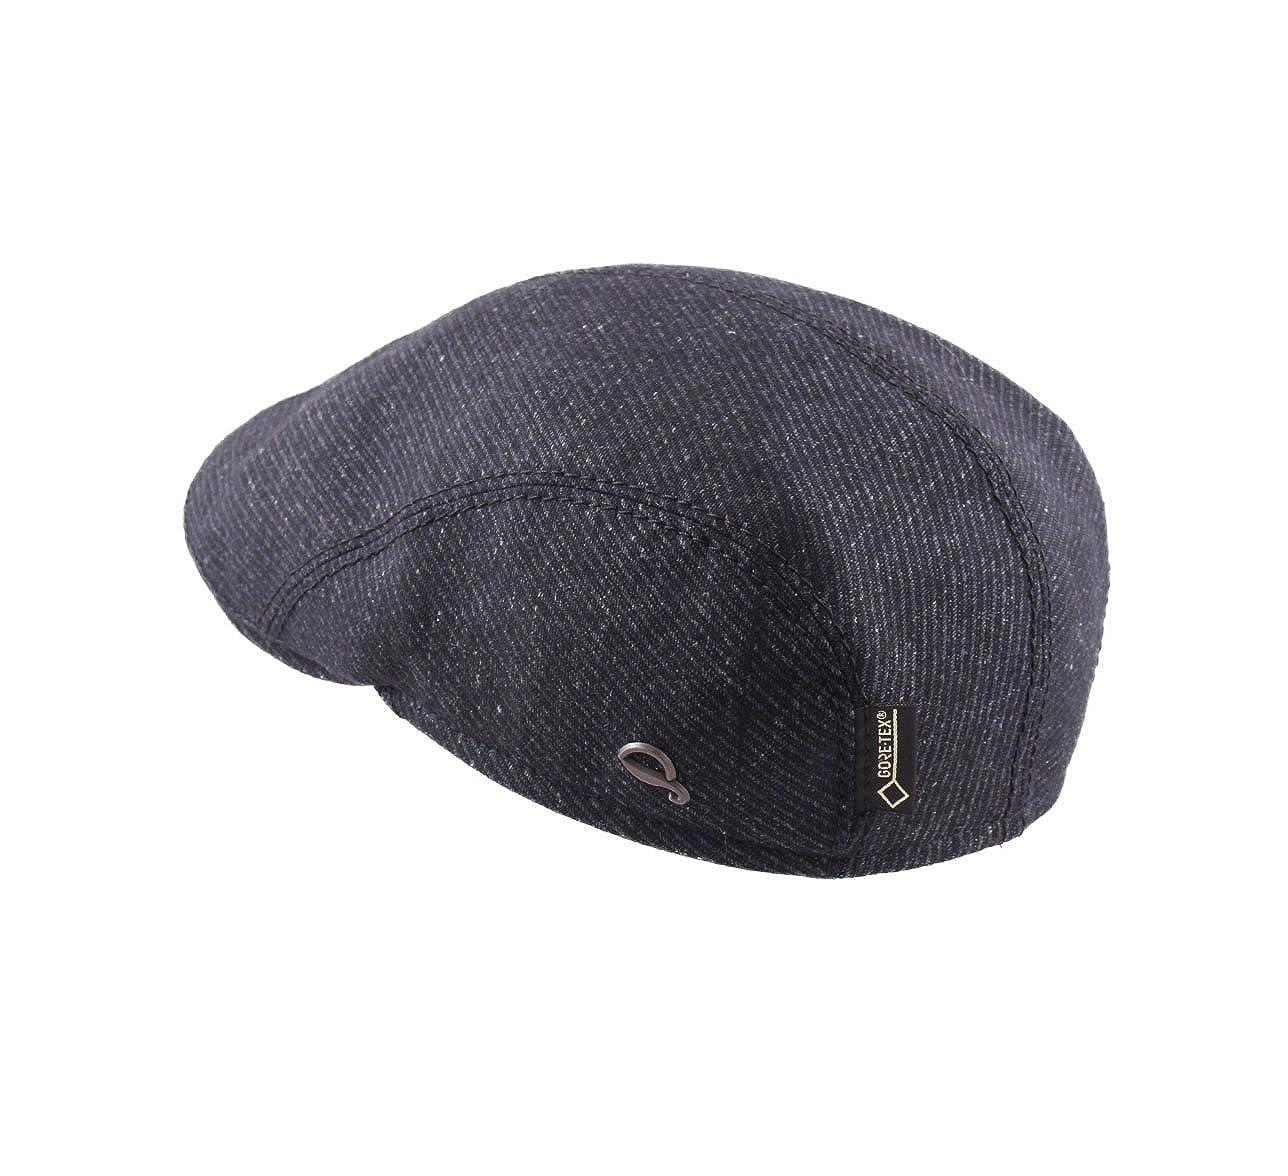 Gottmann Jackson-K-G 2 Flat Cap